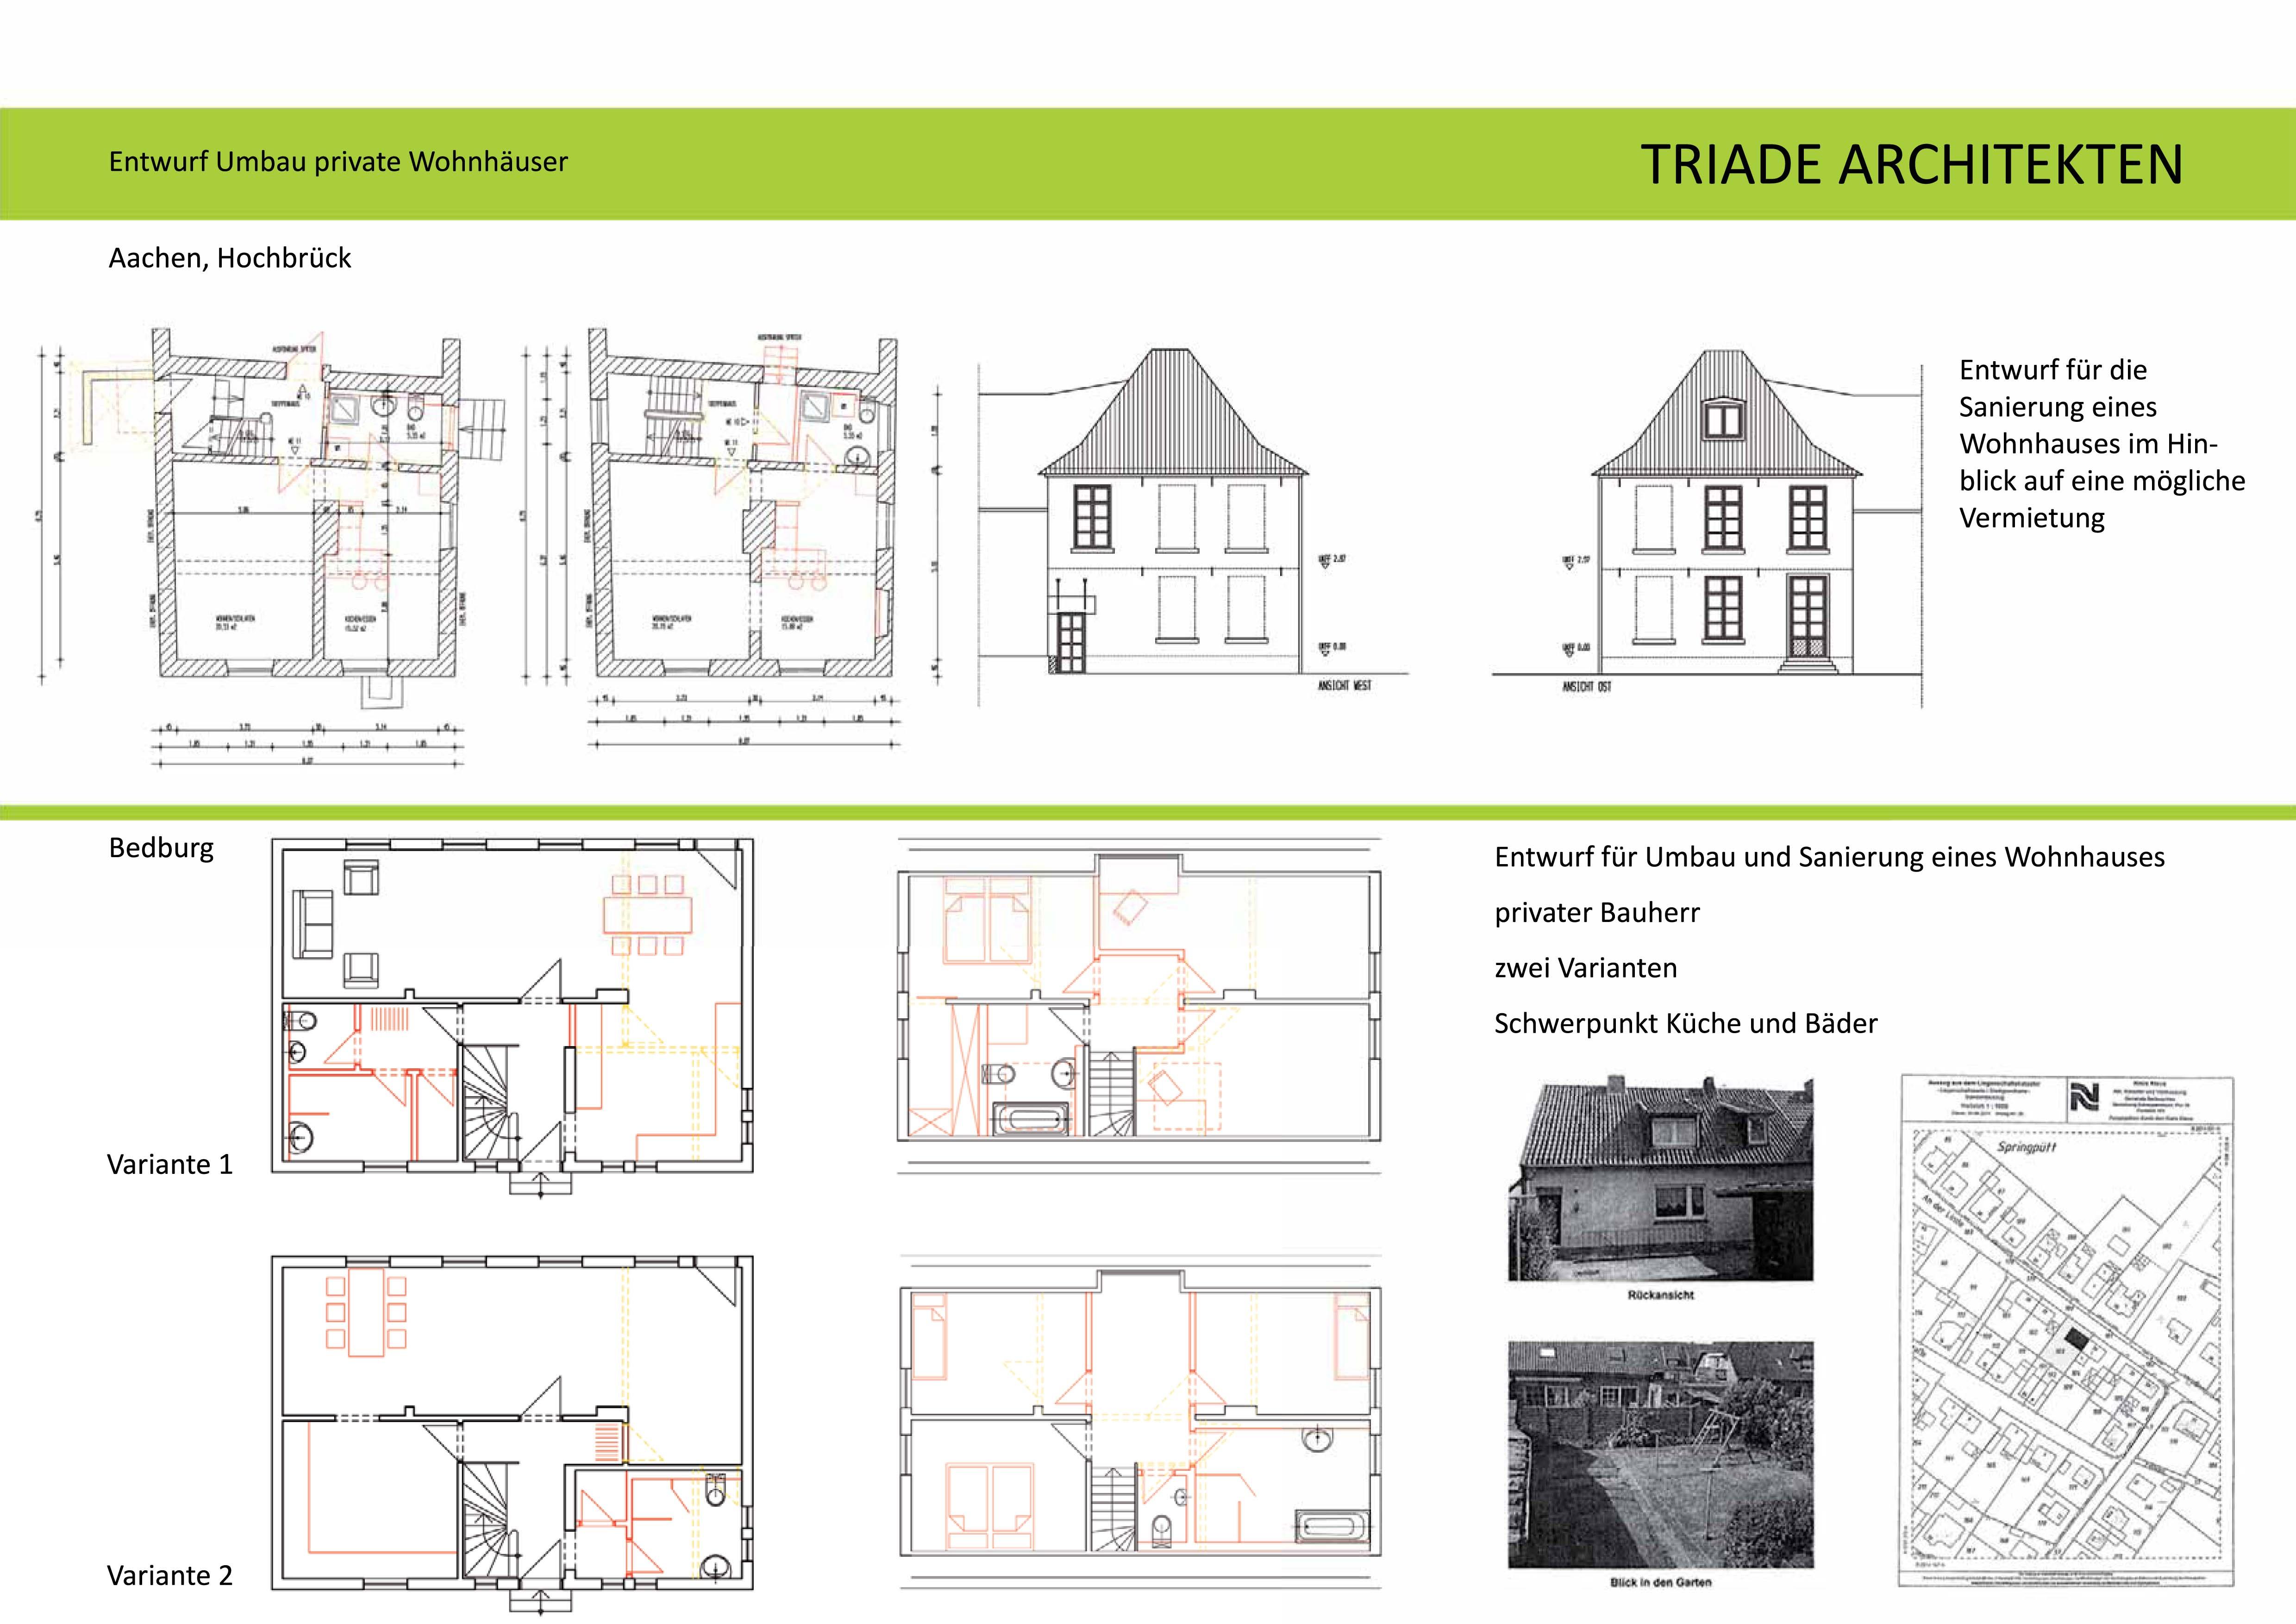 Cuerpos triade architekten for Innenarchitektur mappe